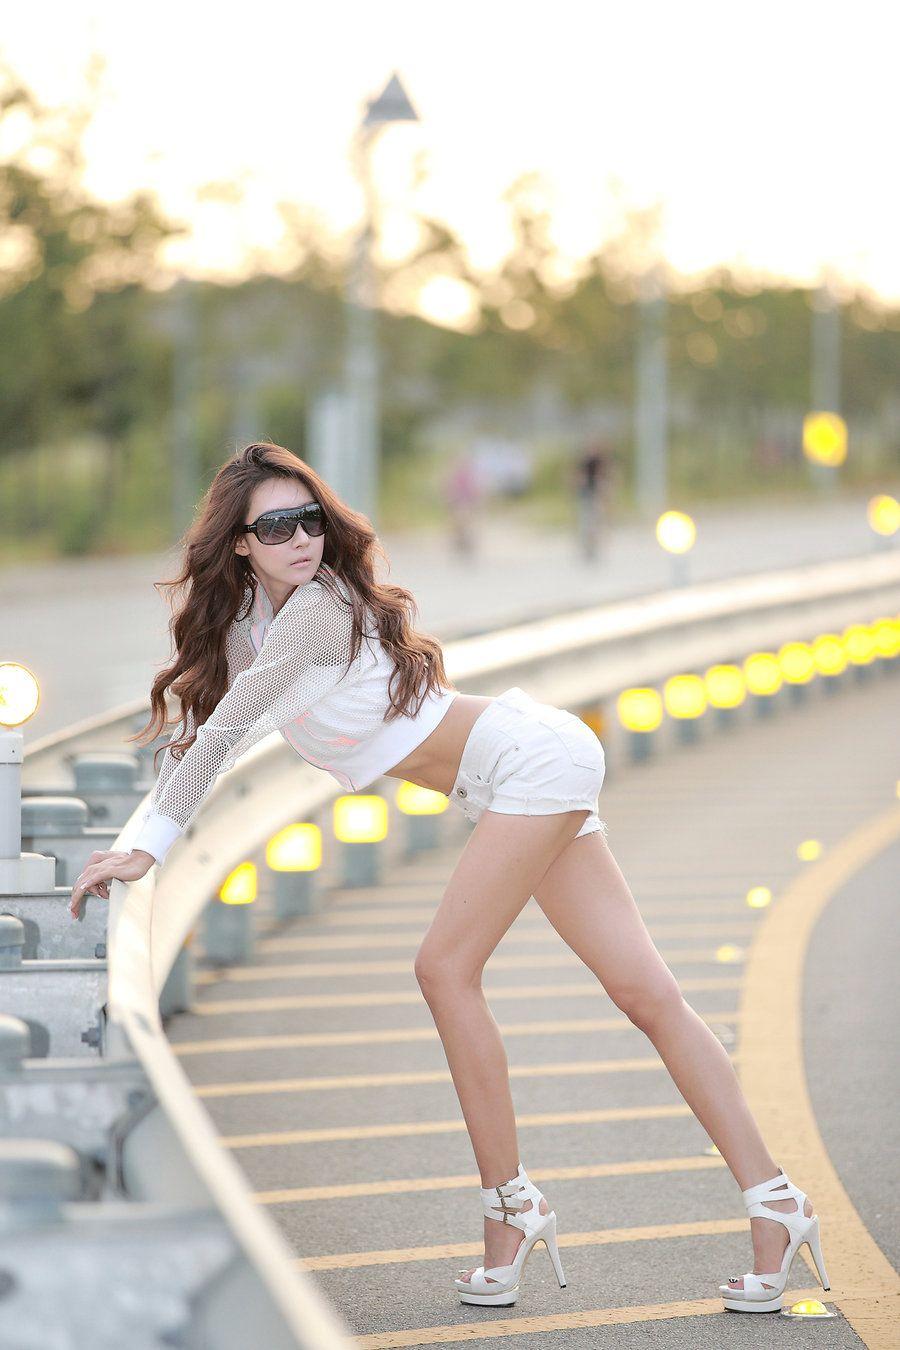 Asian teen hitchhiker